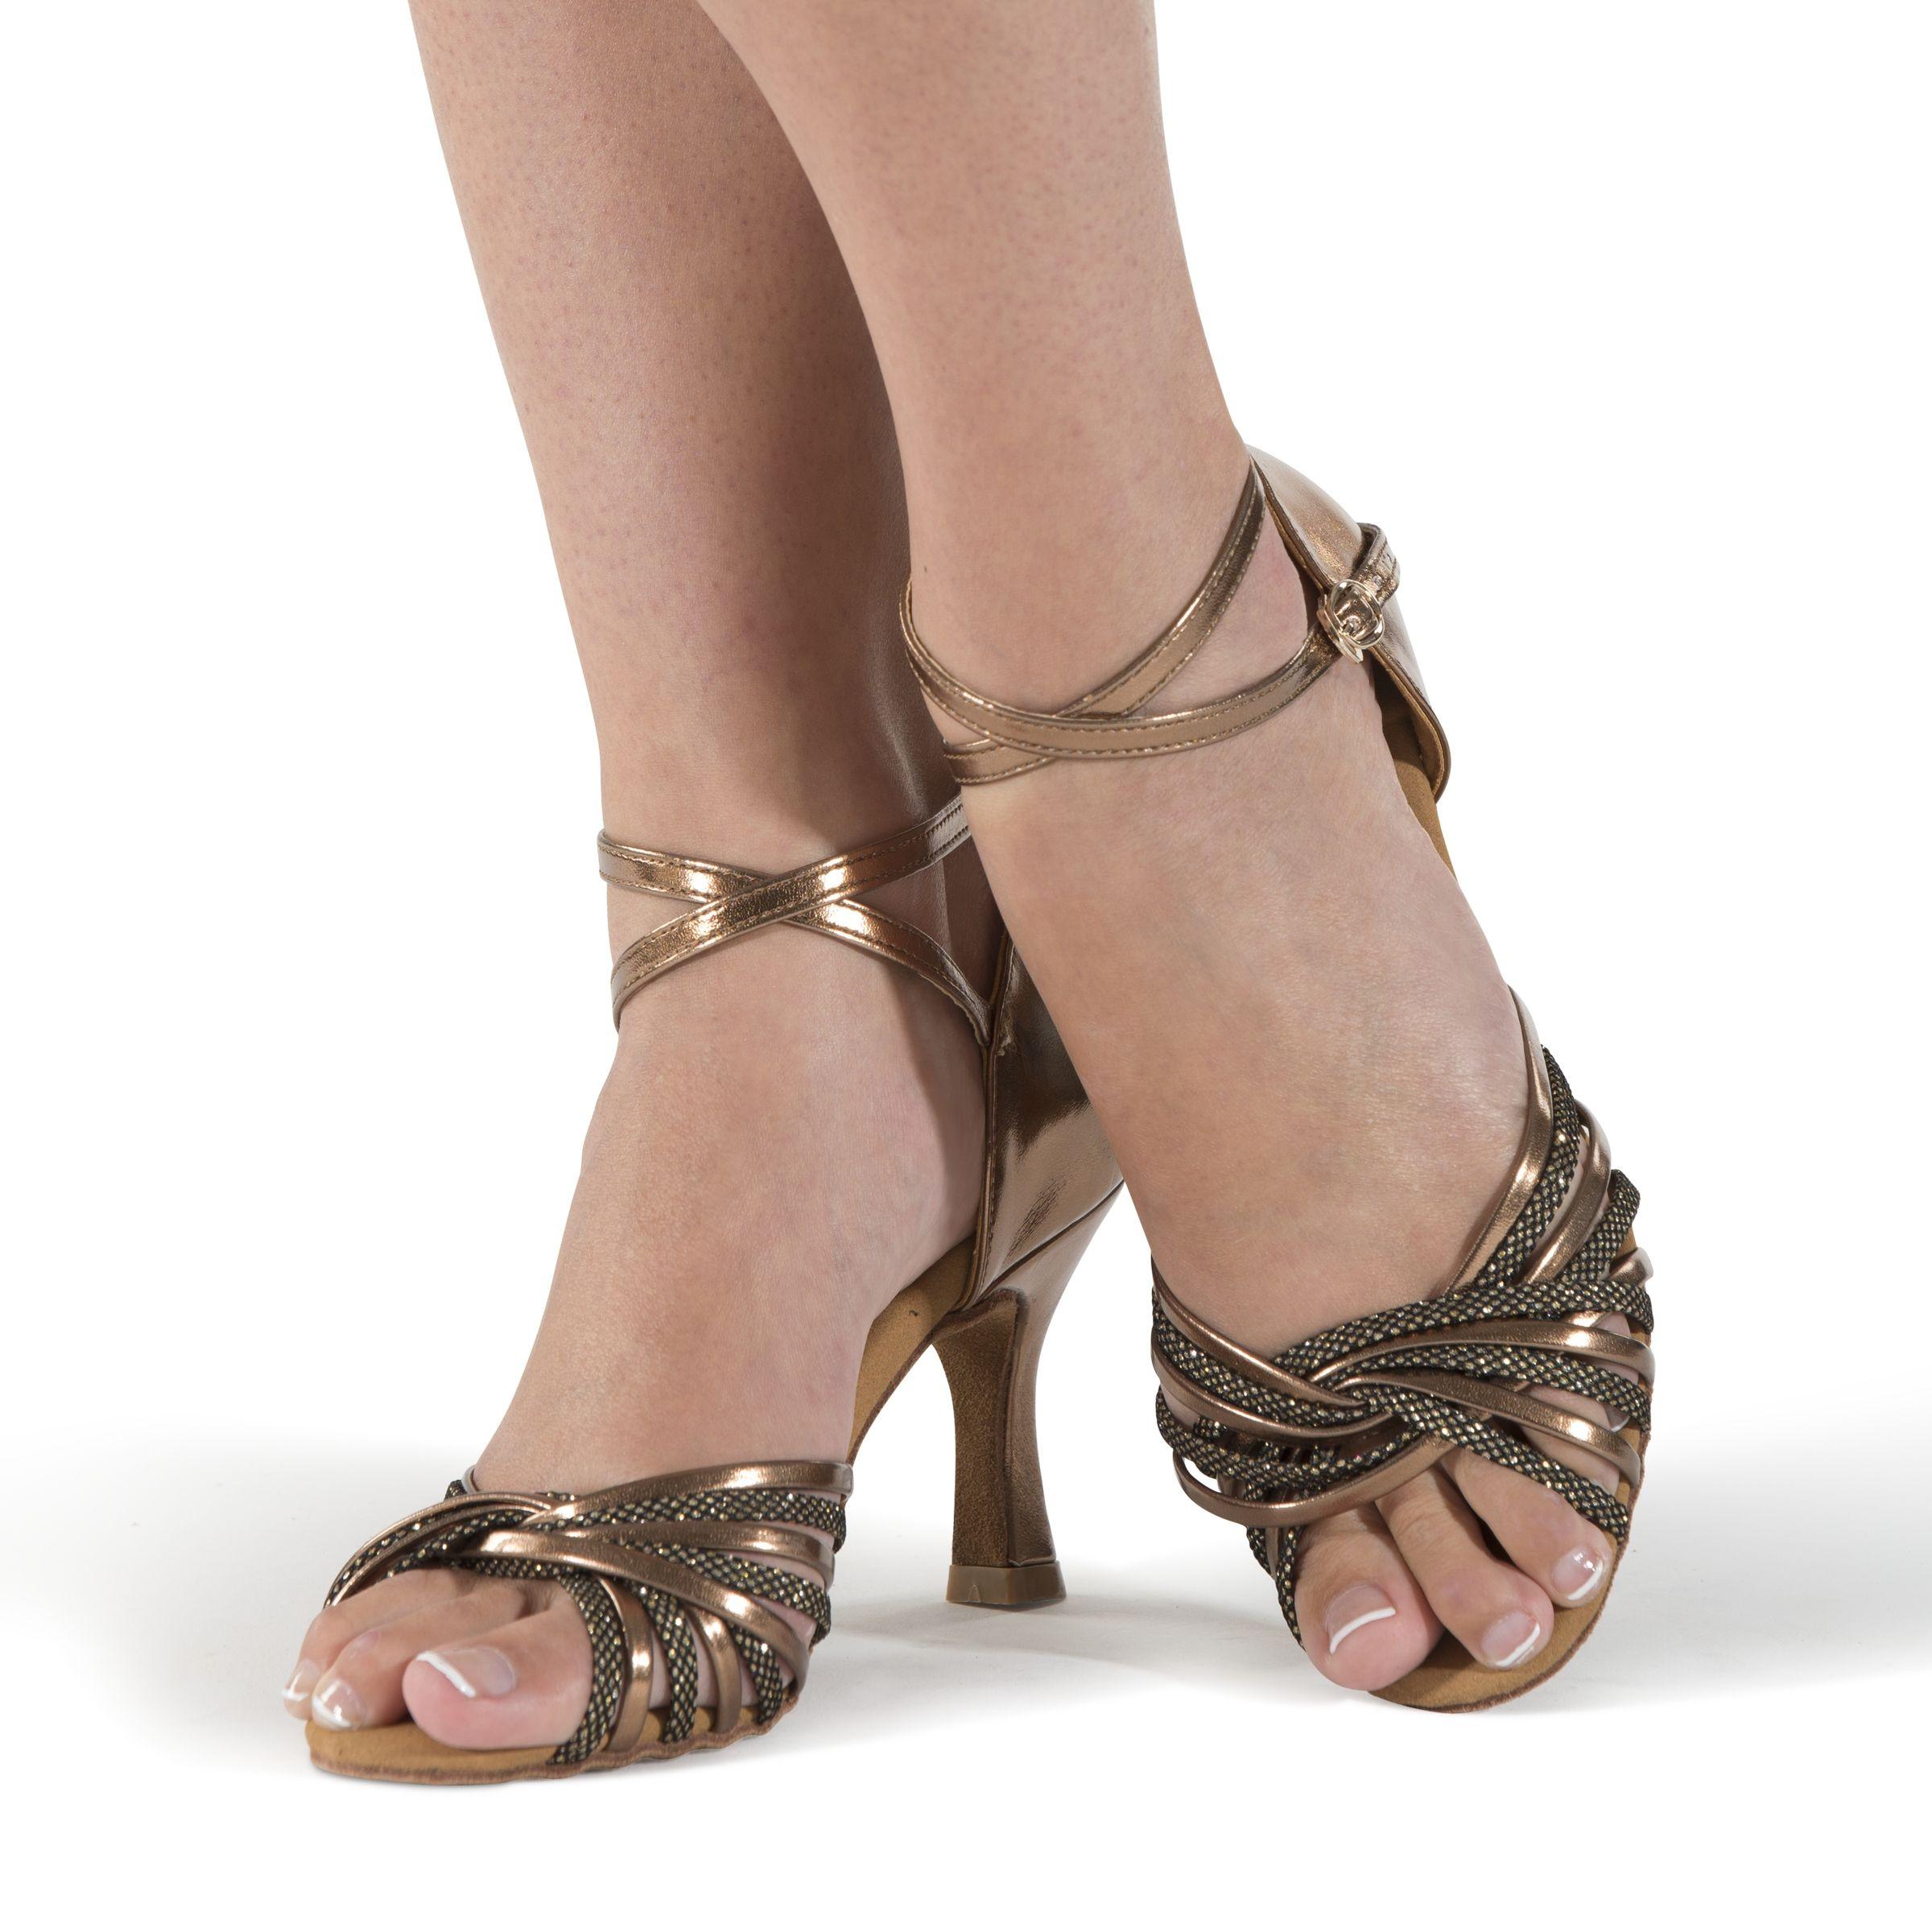 88f712652d0 RED CARPET BRONCE. Sandalia de tiras cruzadas color cobre. 29